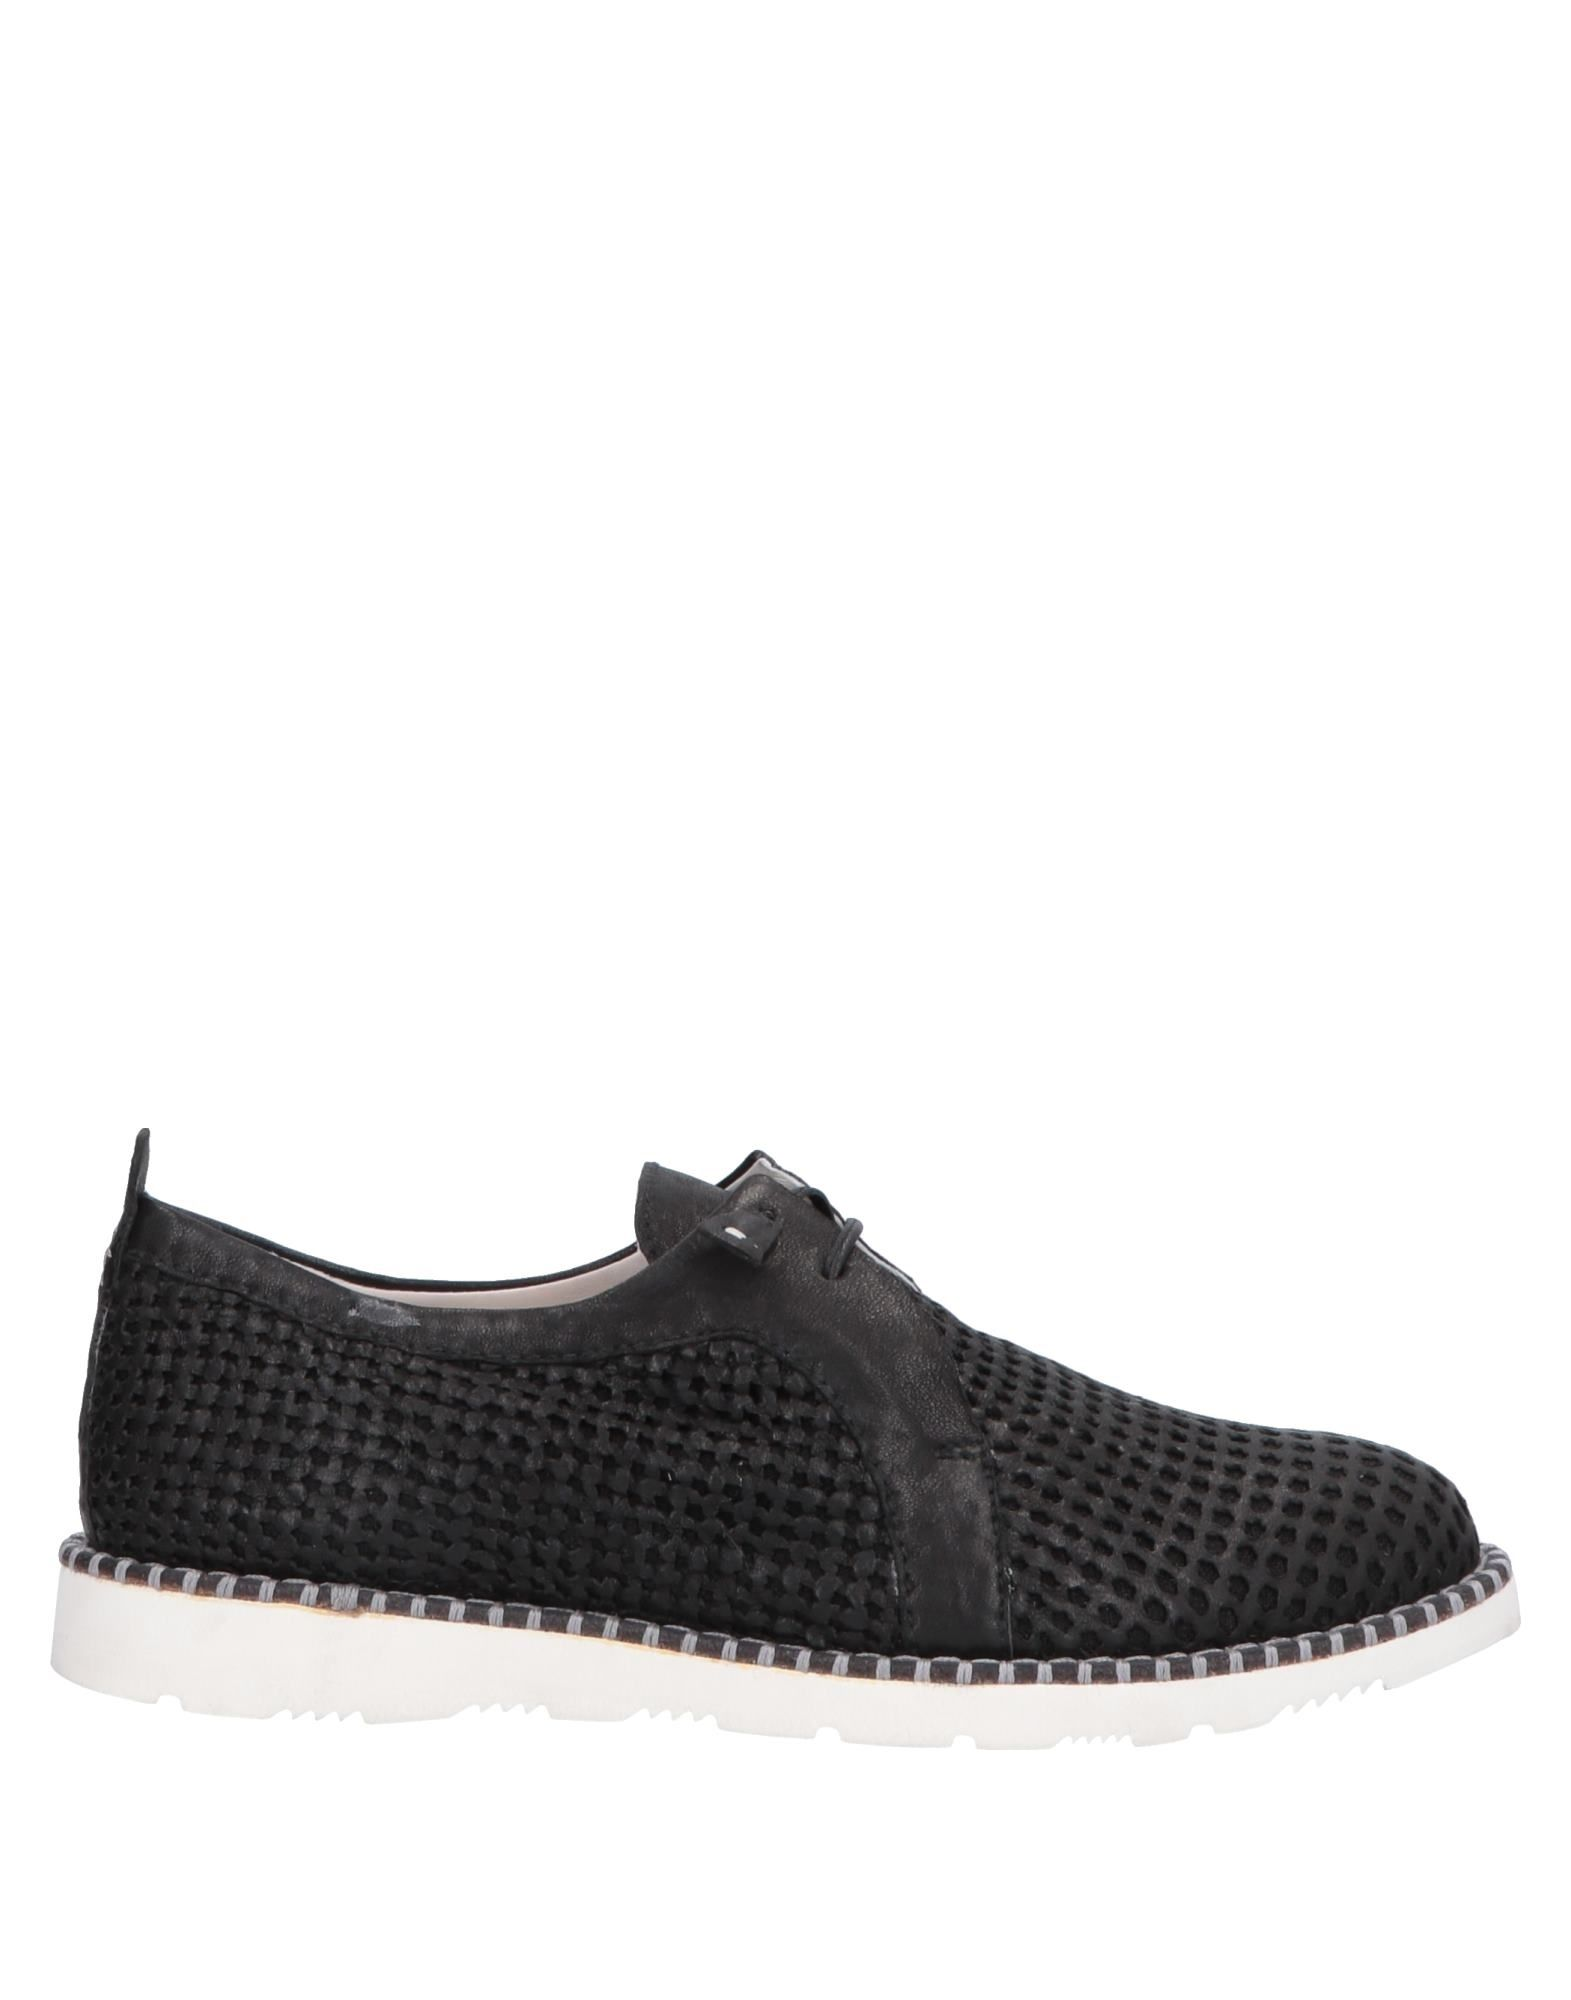 HENRY BEGUELIN Обувь на шнурках цены онлайн